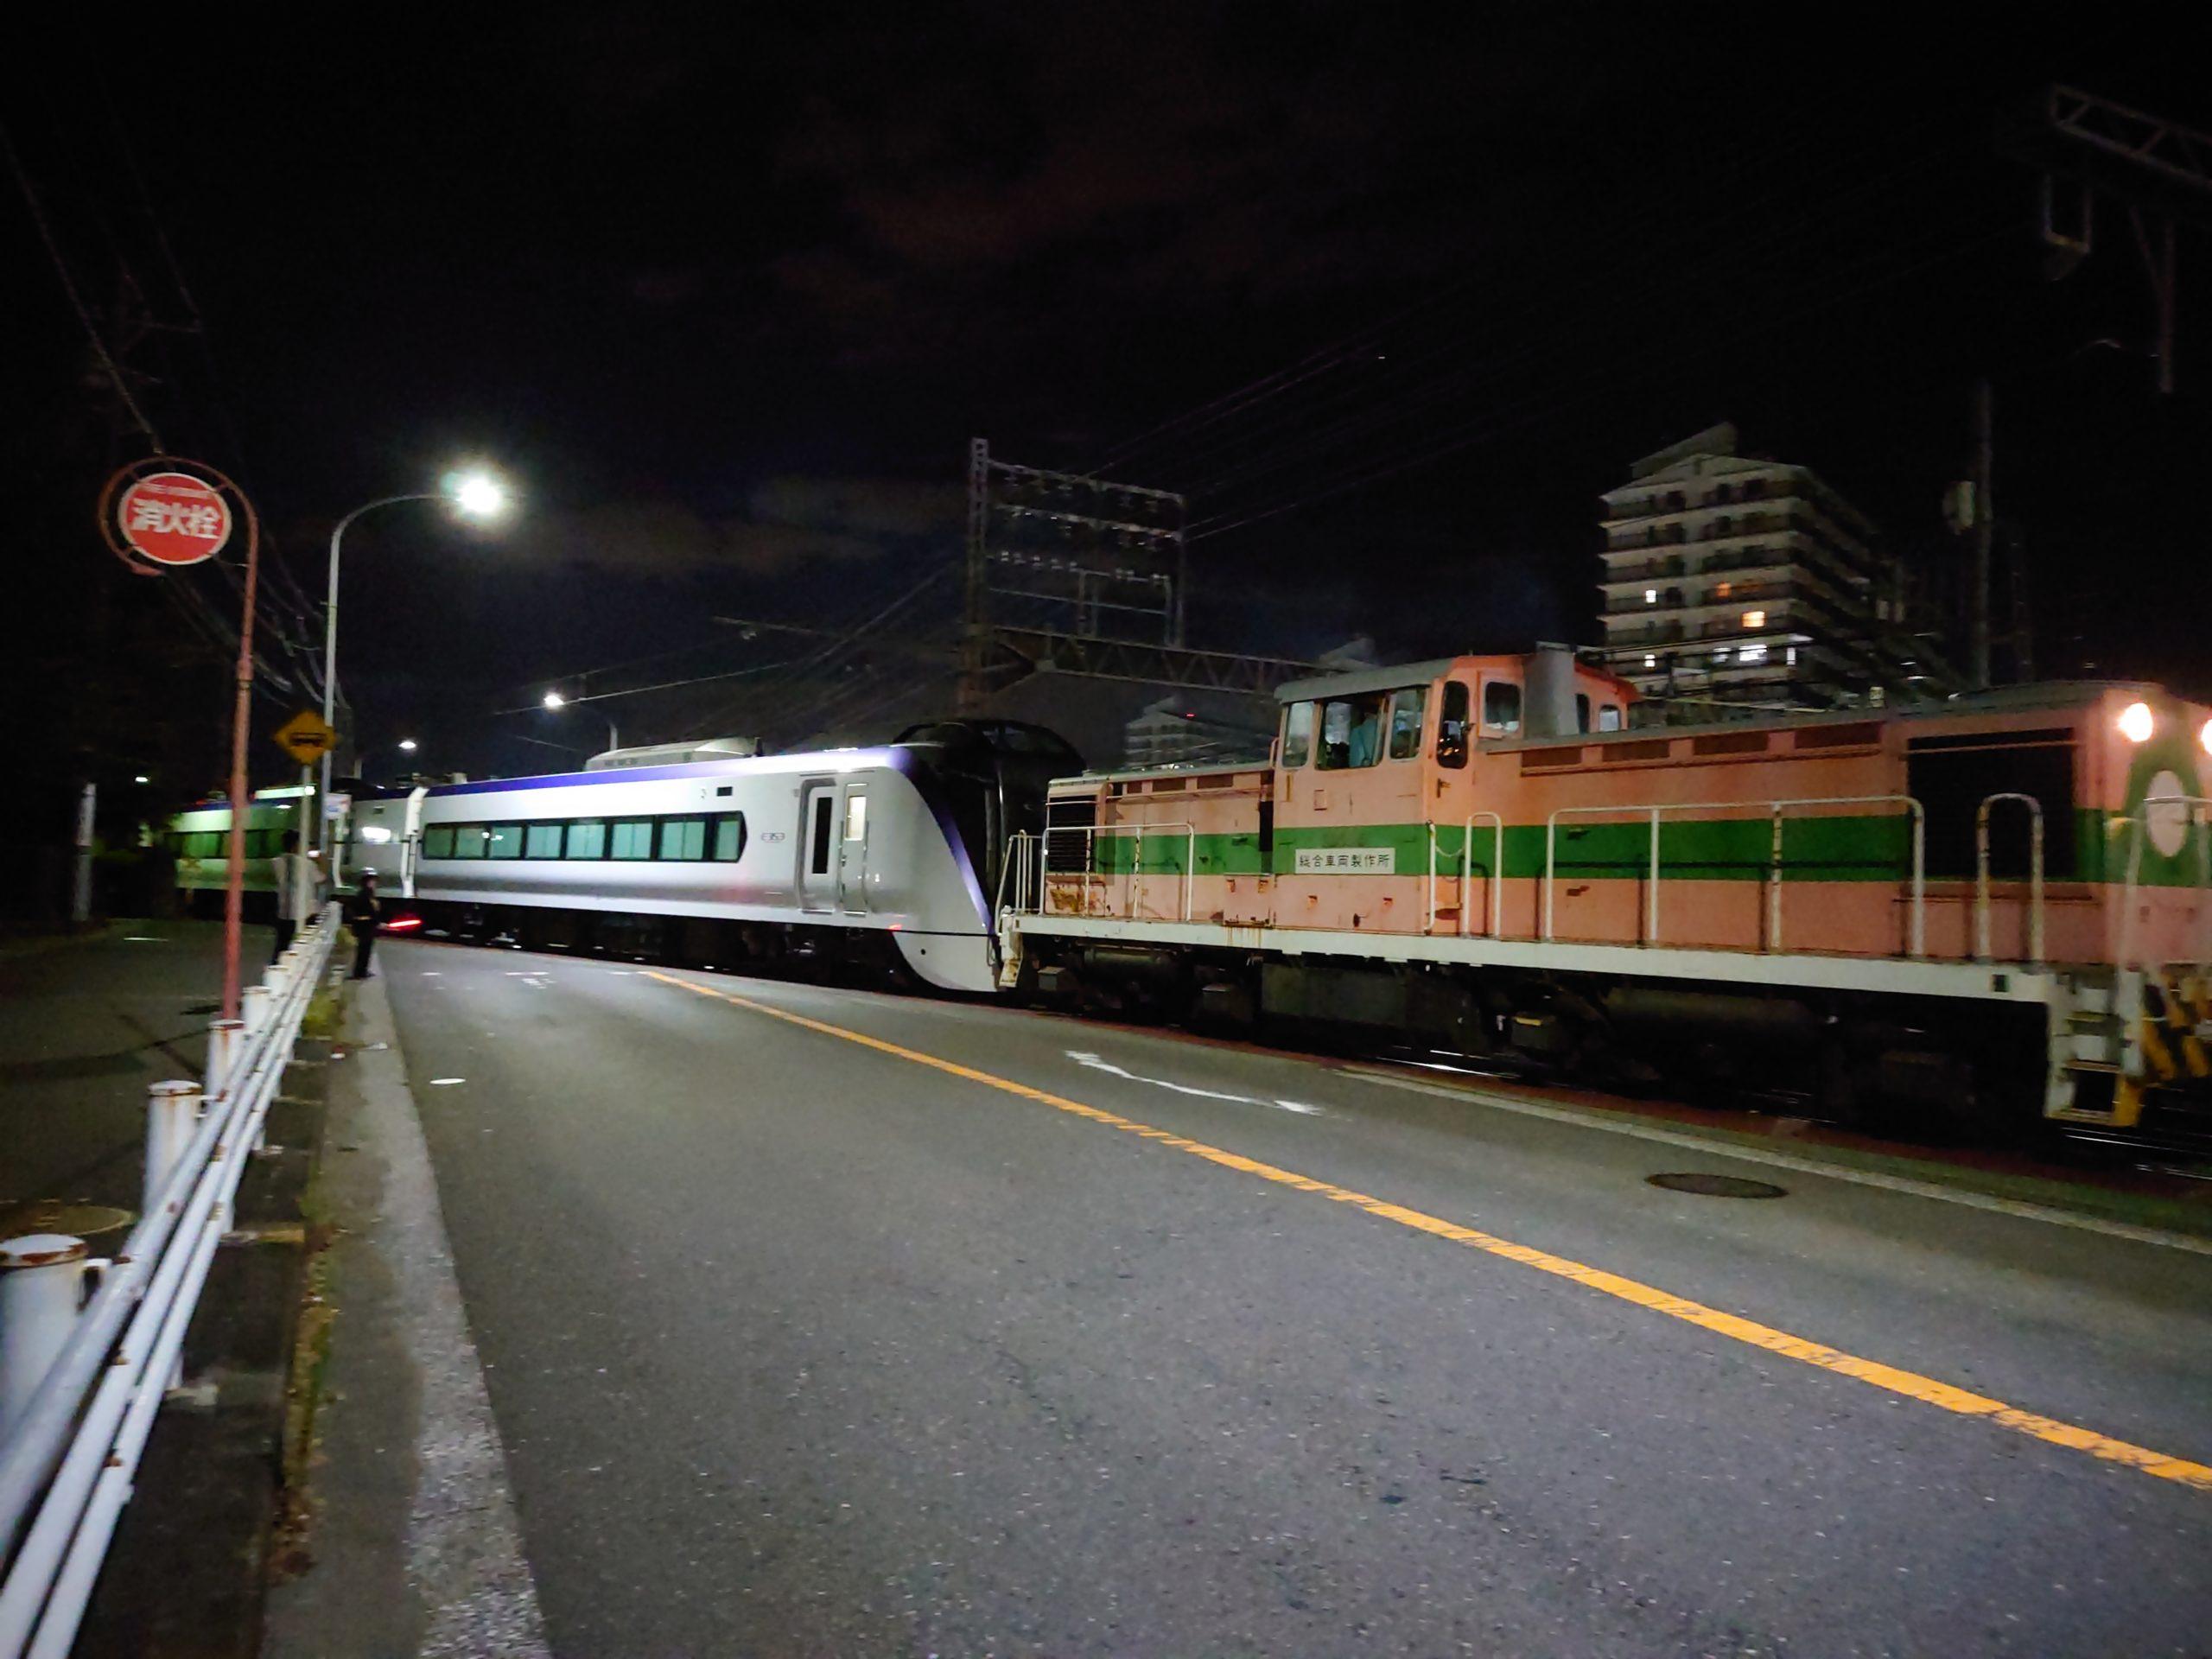 【自走不能から復活】中央線特急E353系の付属編成S206編成がJ-TREC横浜を出場 踏切事故で大破していた